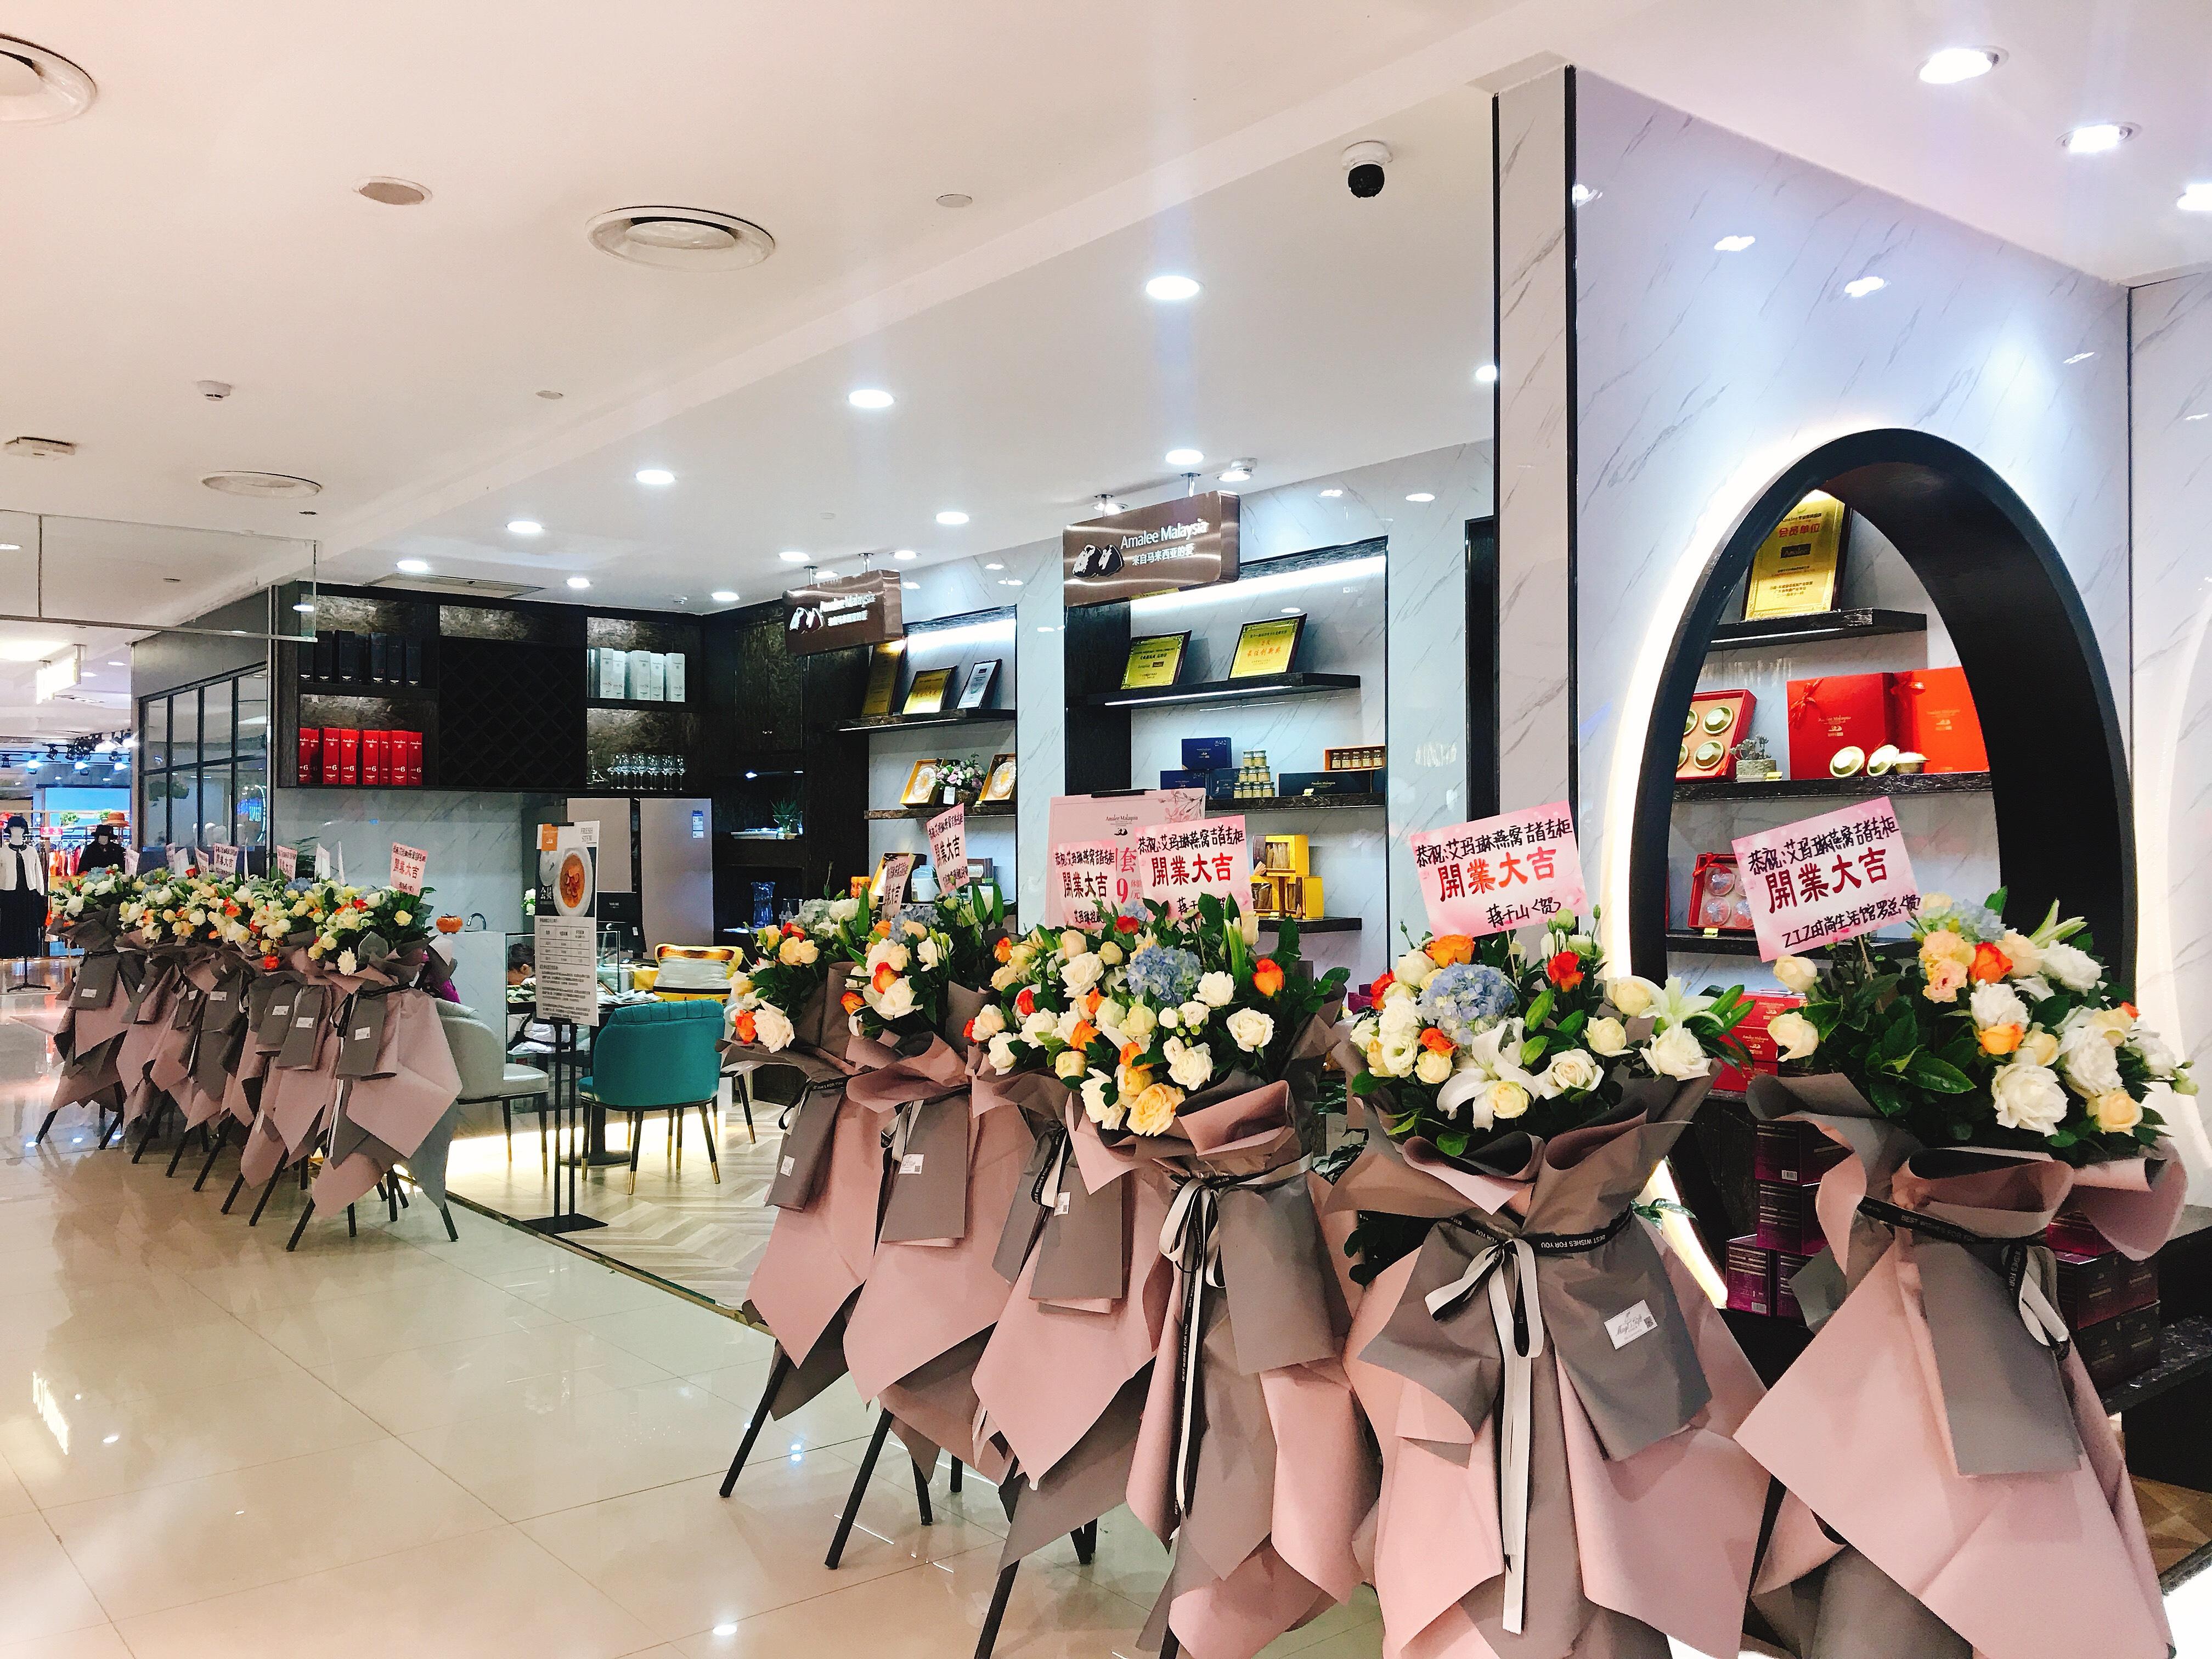 Amalee吉首店|热烈祝贺!新店开业!开启轻奢养生之旅!